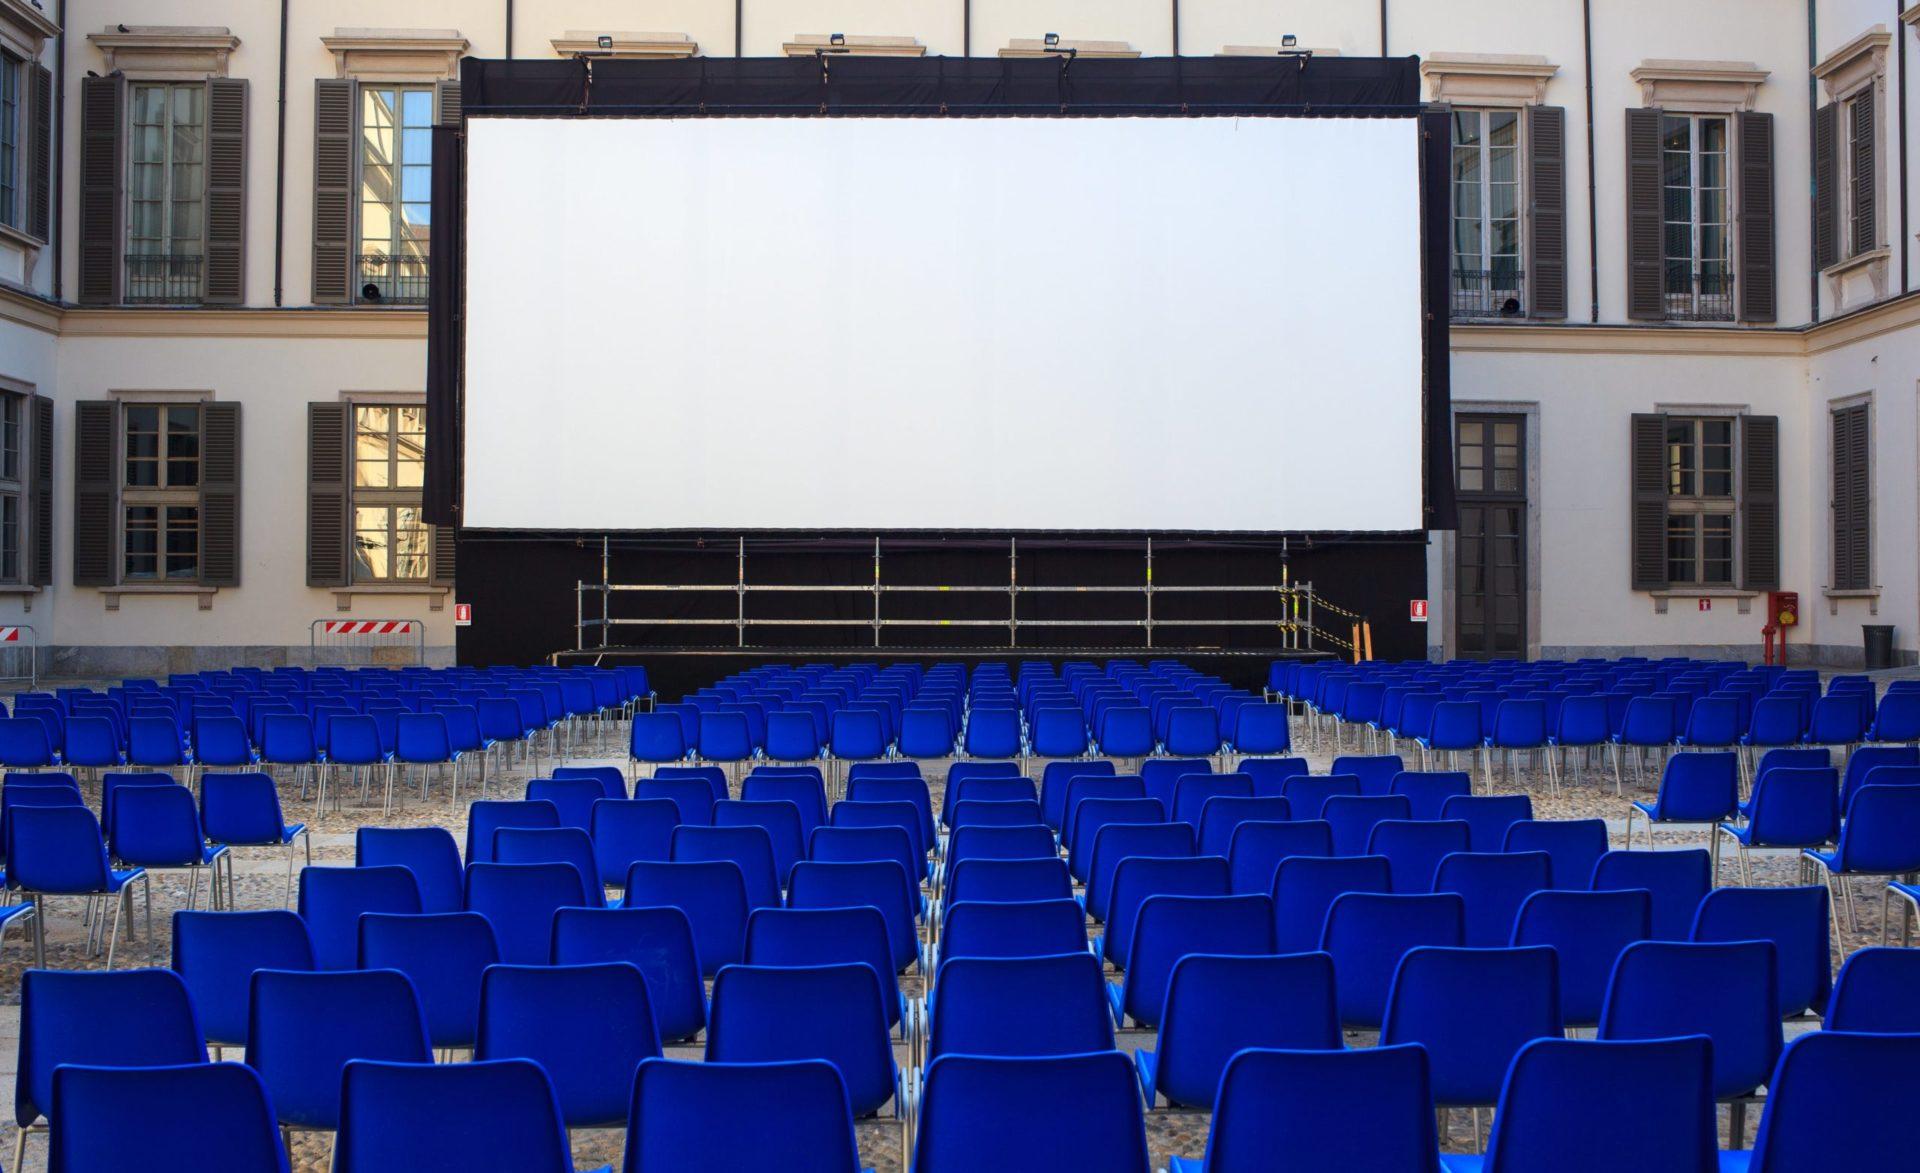 écran géant led cinéma plein air